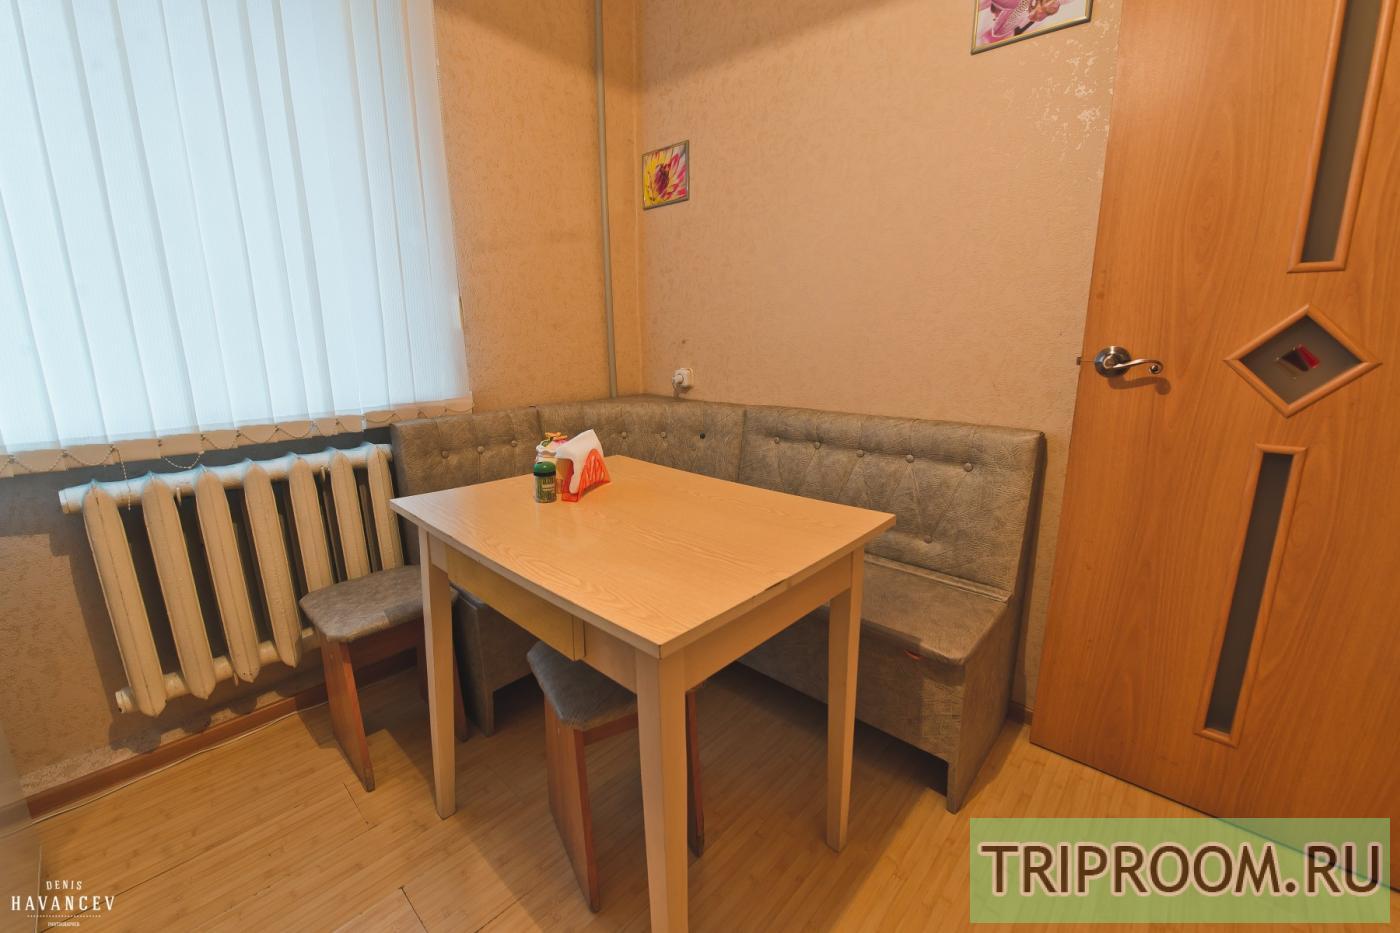 1-комнатная квартира посуточно (вариант № 14829), ул. Космонавтов набережная, фото № 5